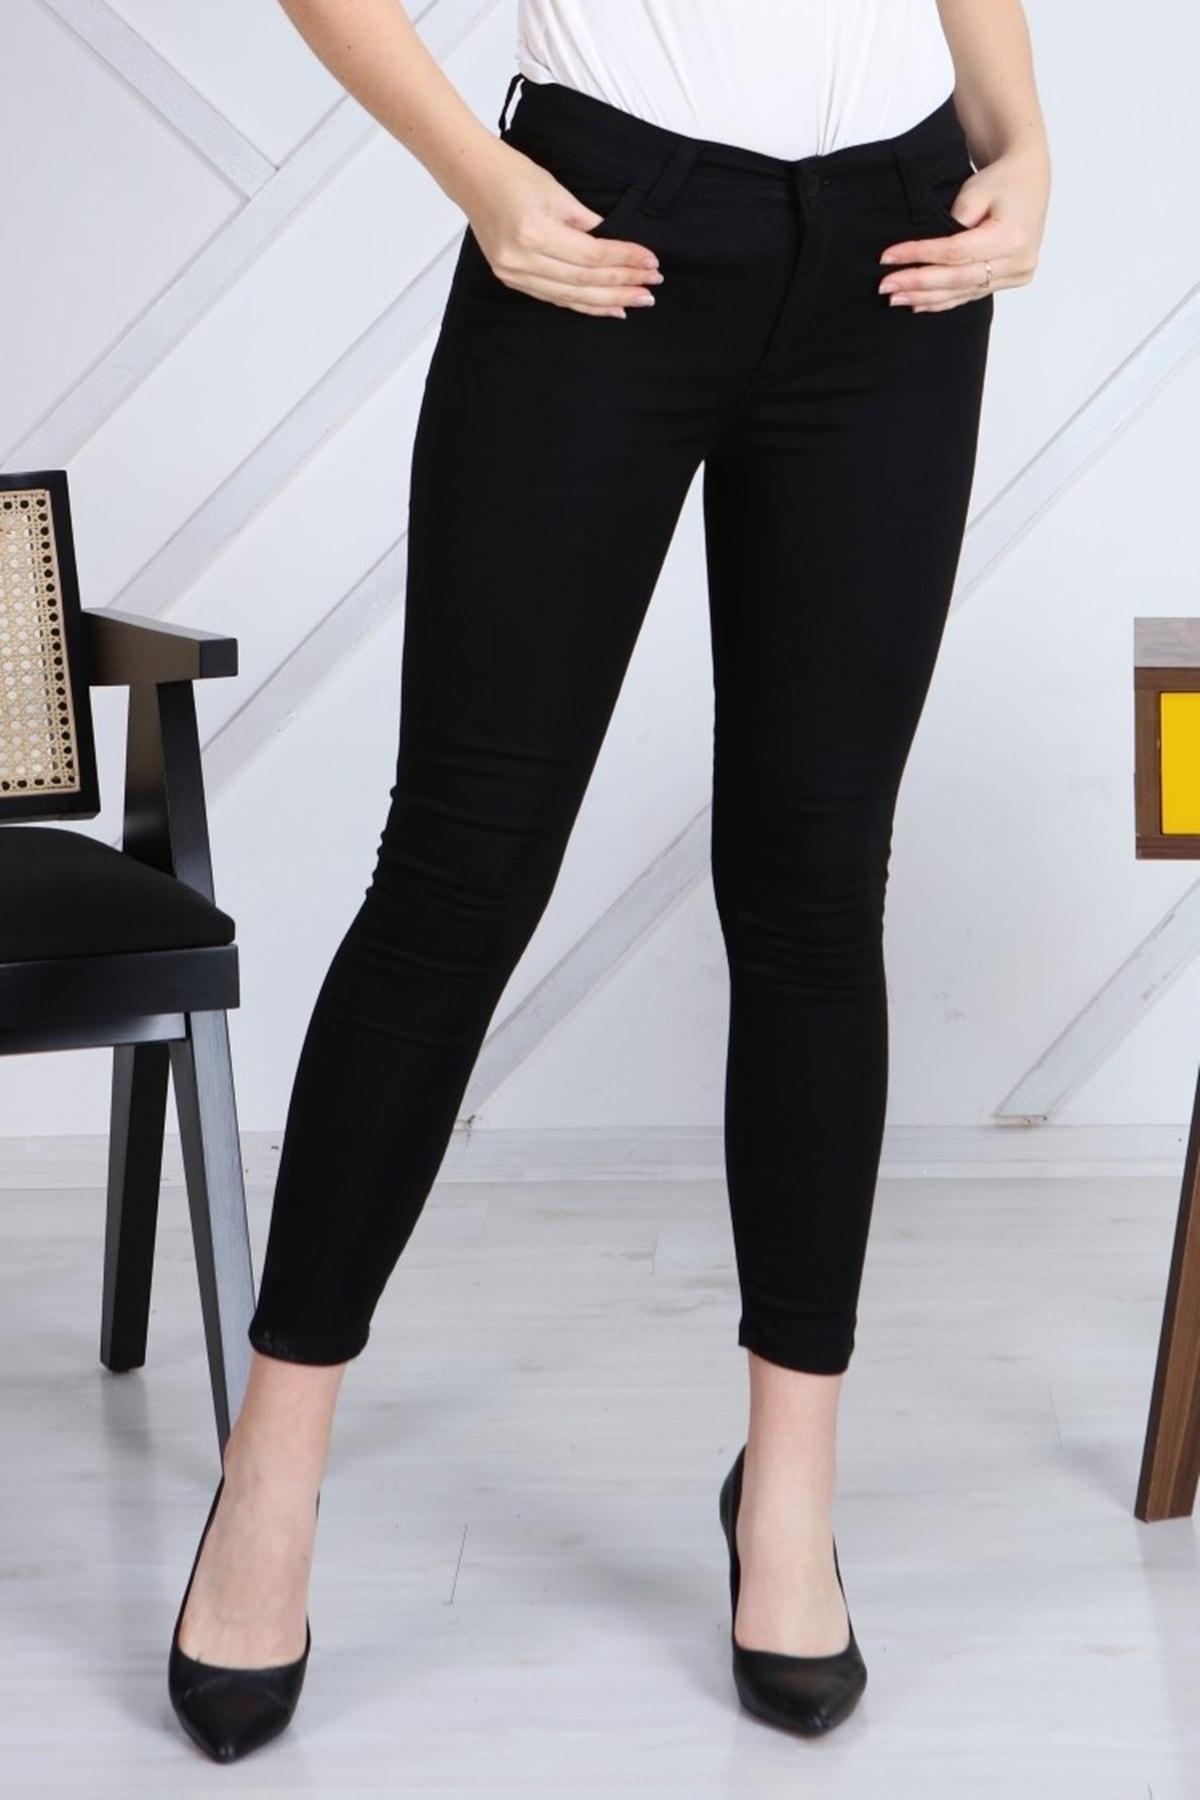 Gül Moda Siyah Gabardin Likralı Dar Paça Pantolon G040-1 1